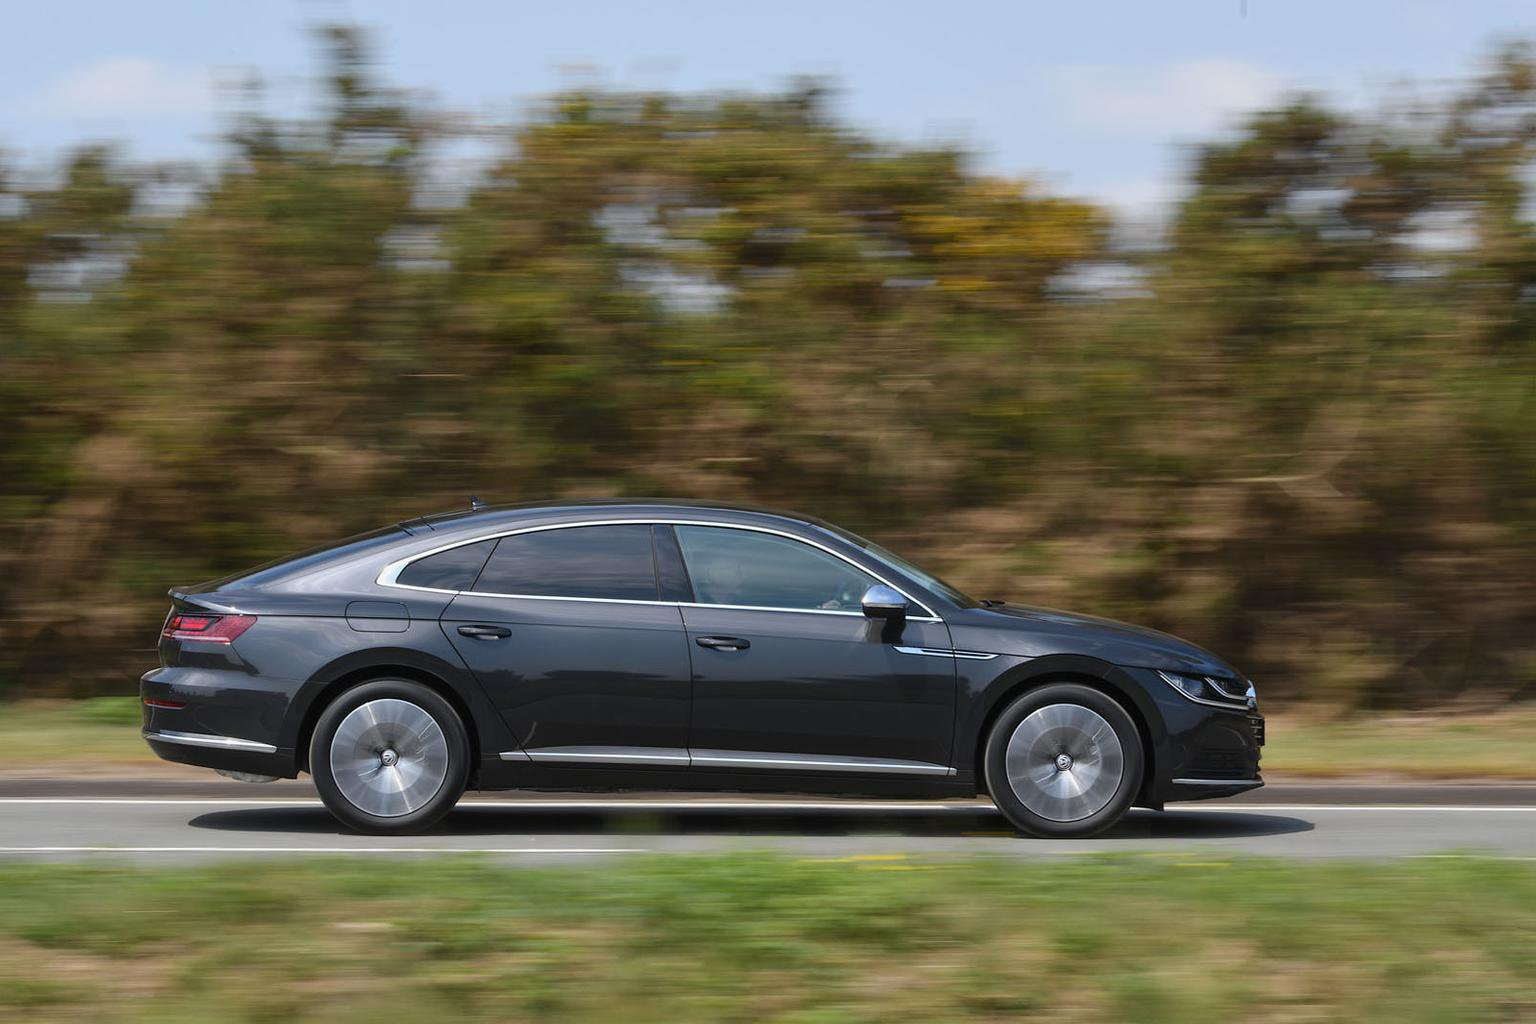 2018 Volkswagen Arteon 1.5 TSI Elegance review – verdict